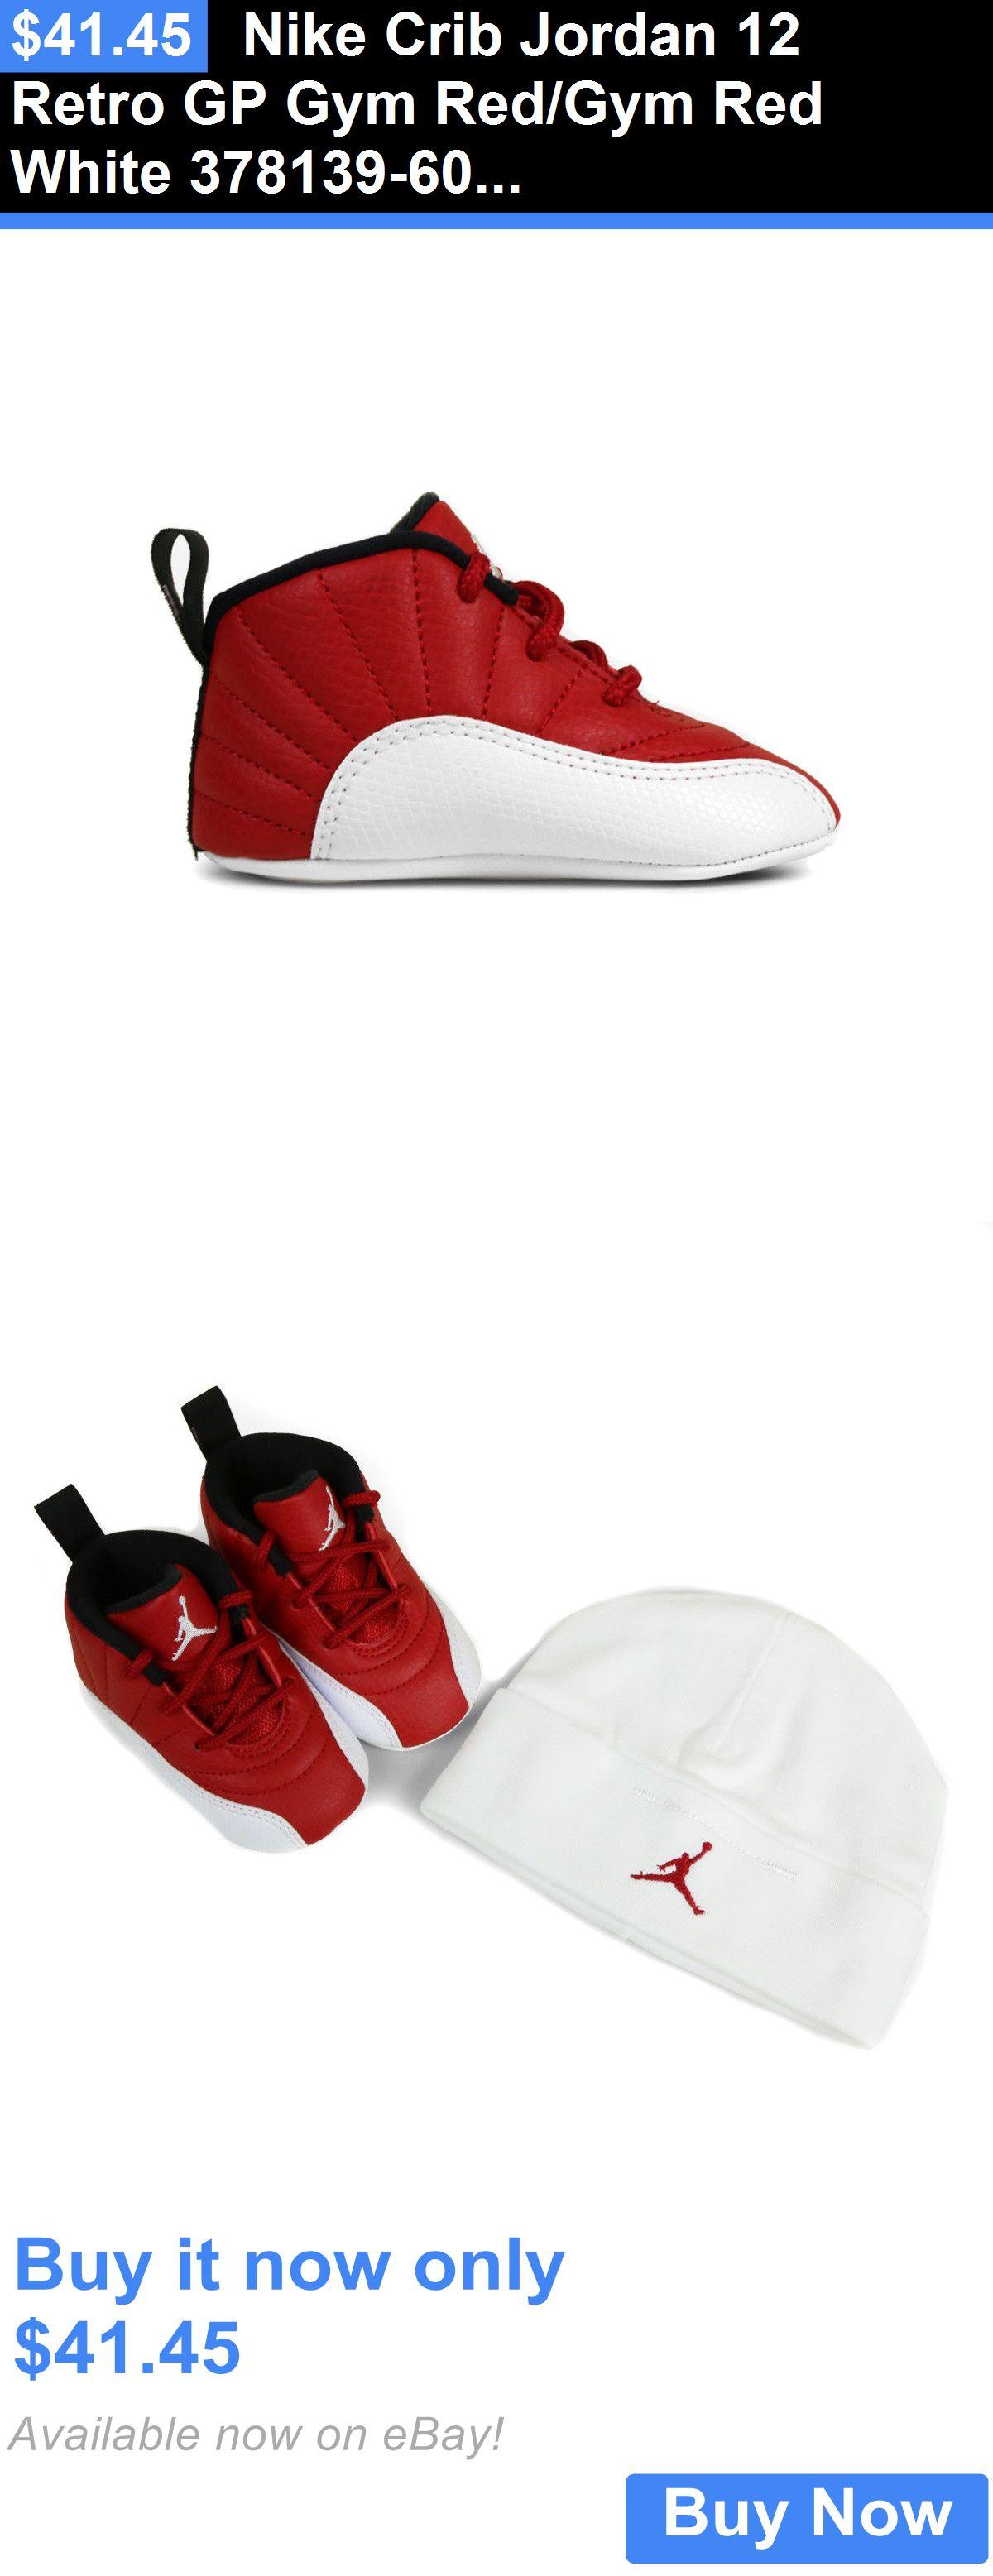 Crib gym for babies - Infant Shoes Nike Crib Jordan 12 Retro Gp Gym Red Gym Red White 378139